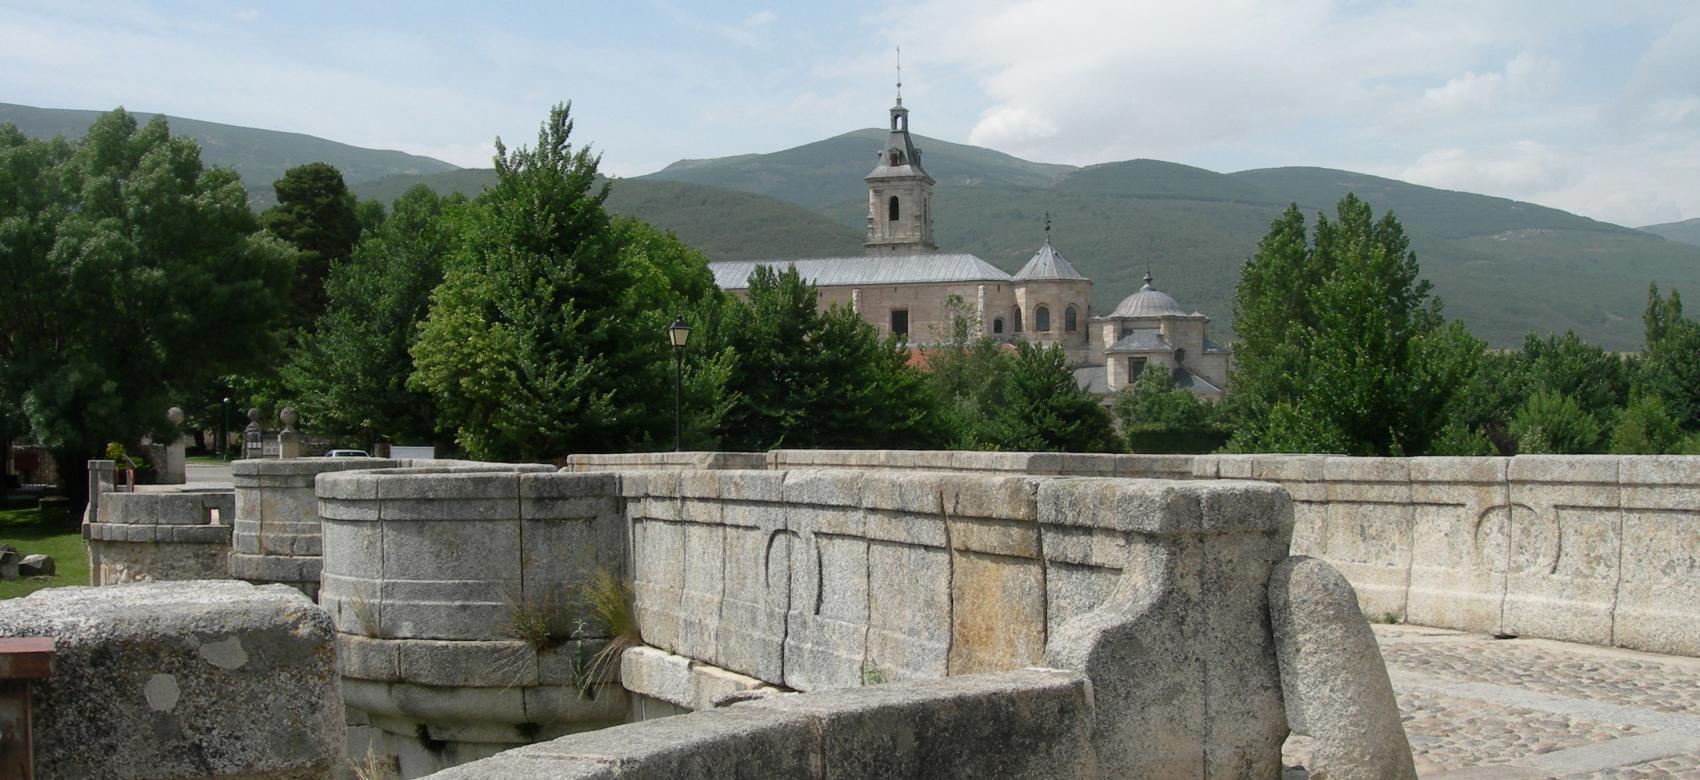 Real Monasterio Santa María de El Paular en Rascafría